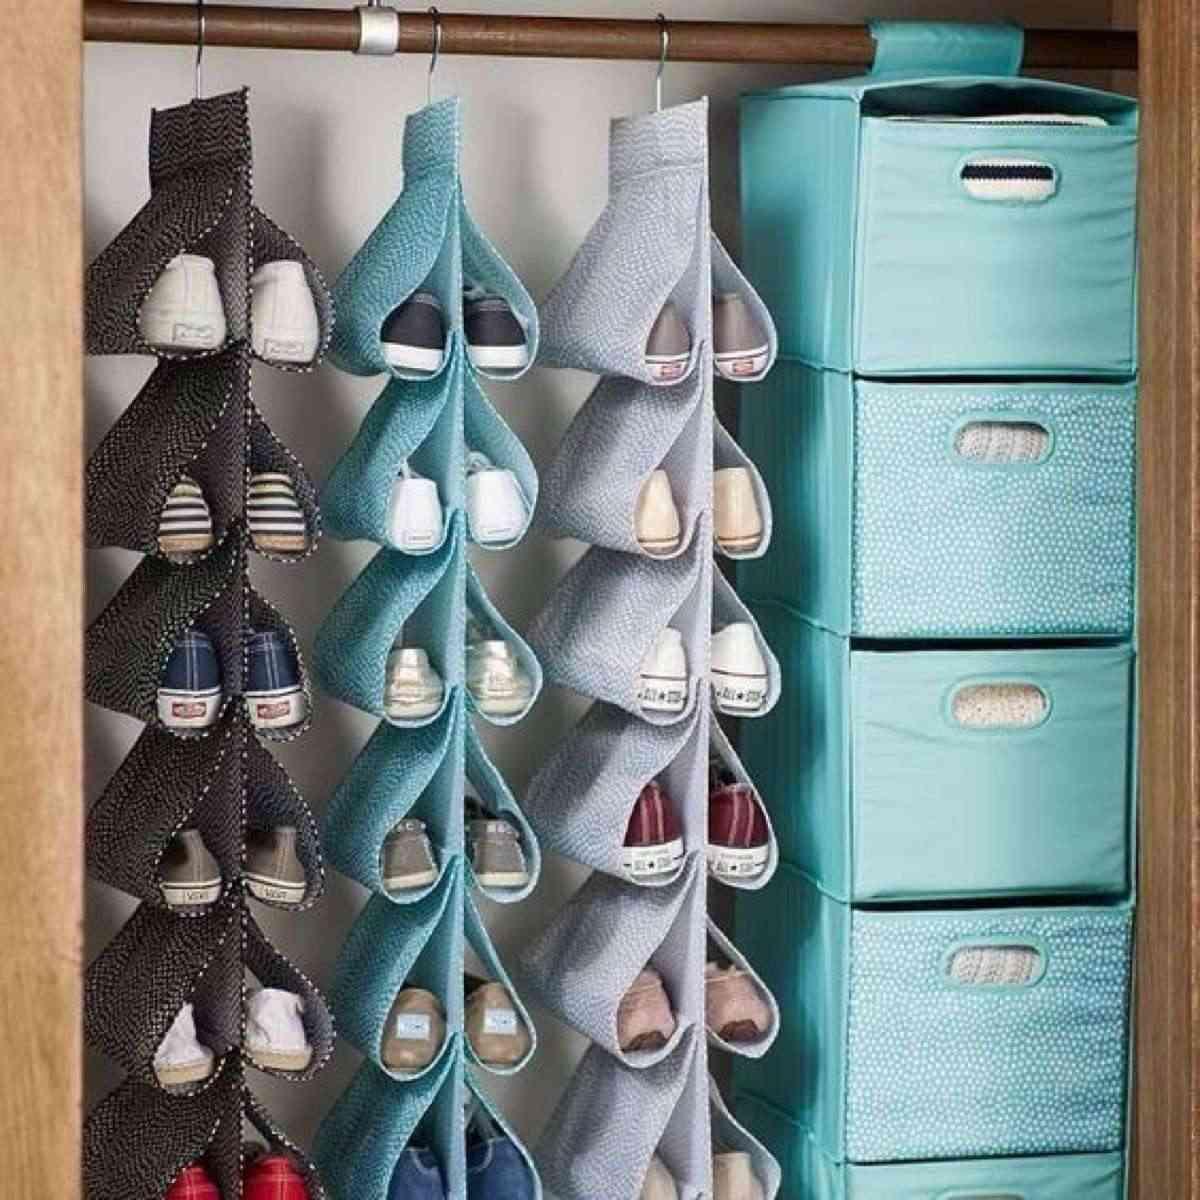 distribuci n de armarios c mo organizar la ropa para tenerla ordenada. Black Bedroom Furniture Sets. Home Design Ideas